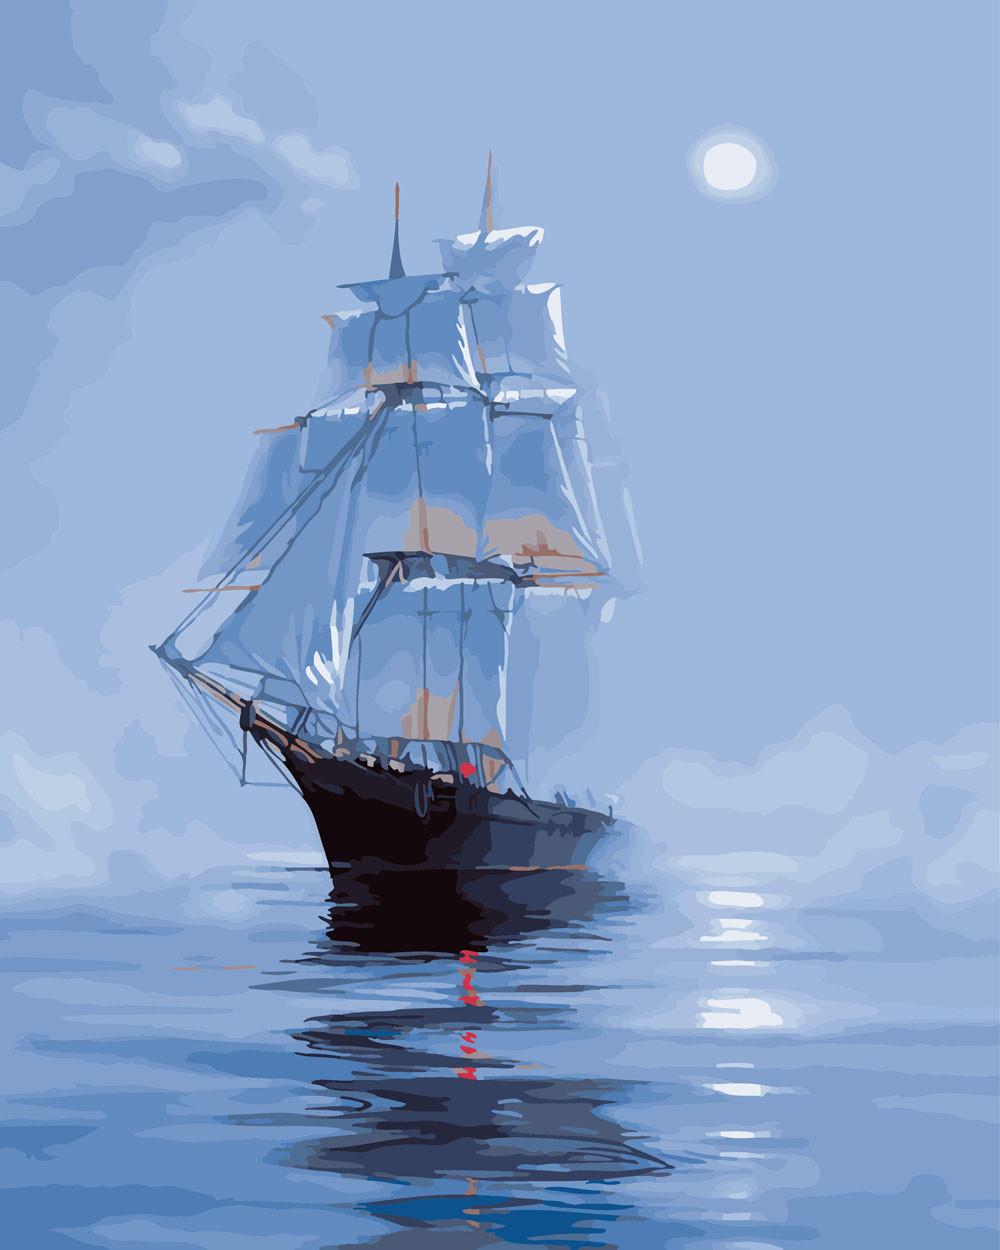 Картина по номерам На рейде при луне, 40x50 см., Rainbow art